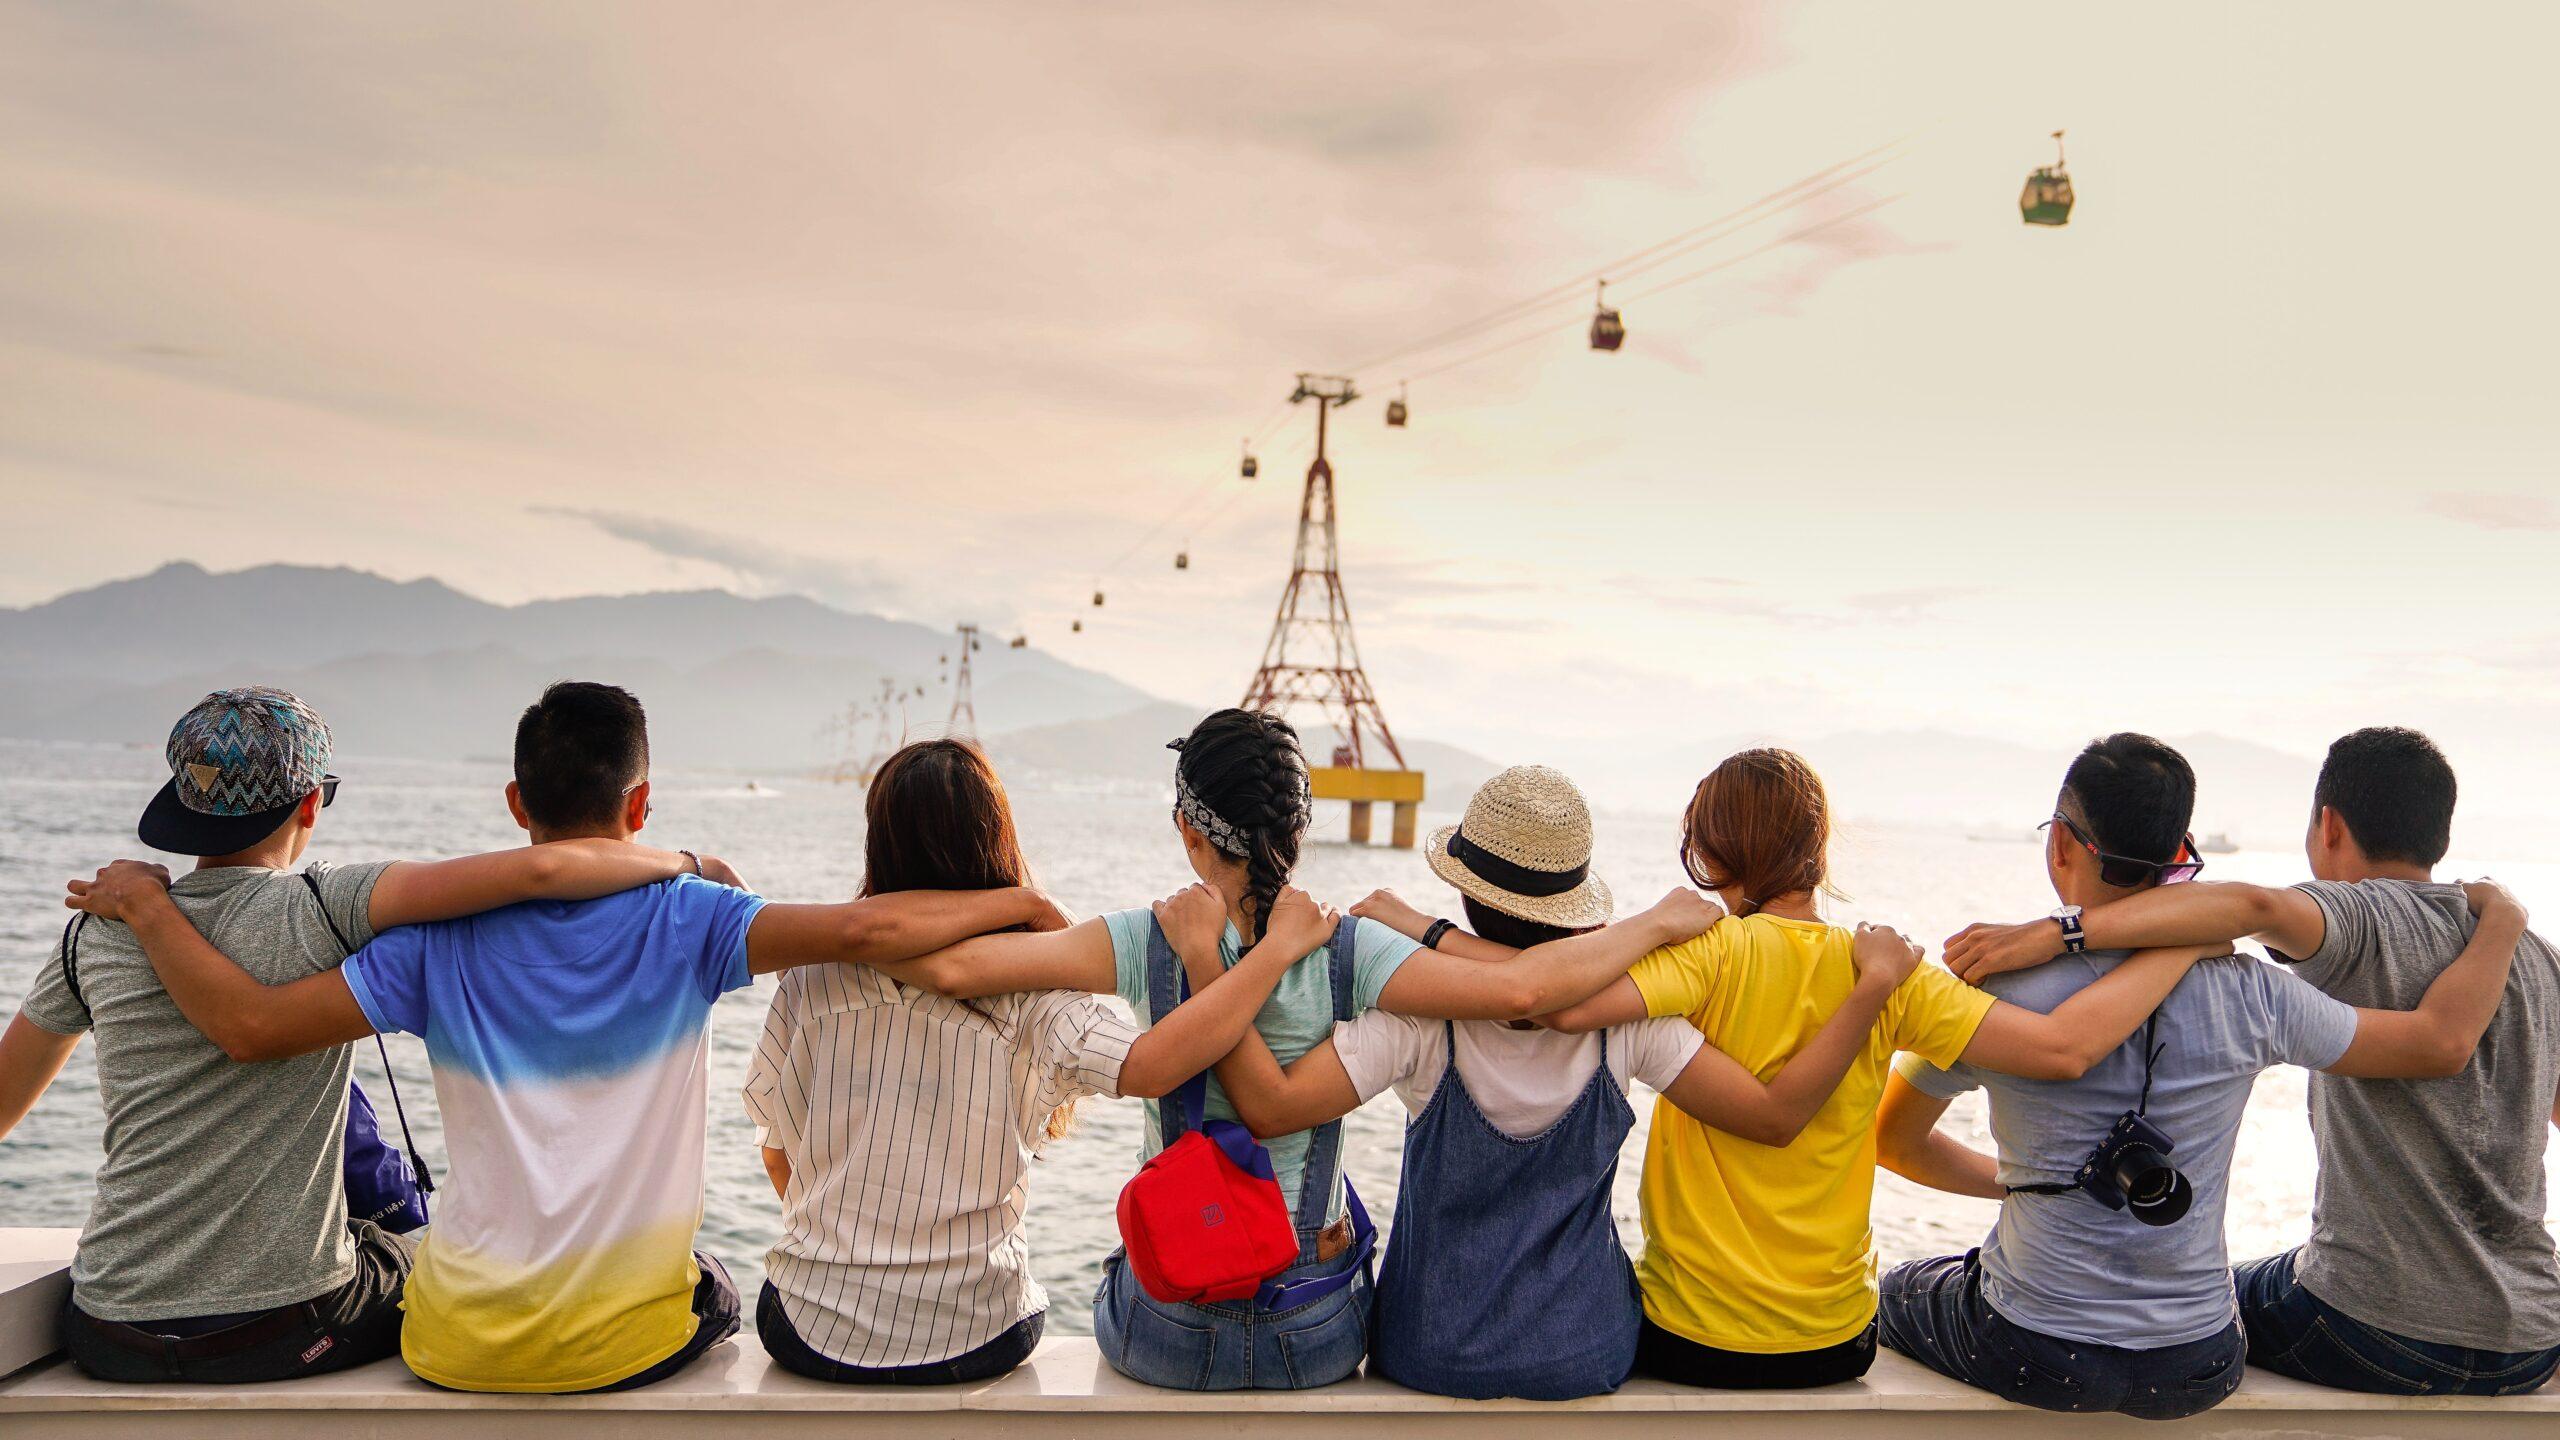 Imagen de la noticia Turismundo: un viaje para la incidencia social a través de un turismo responsable y sostenible